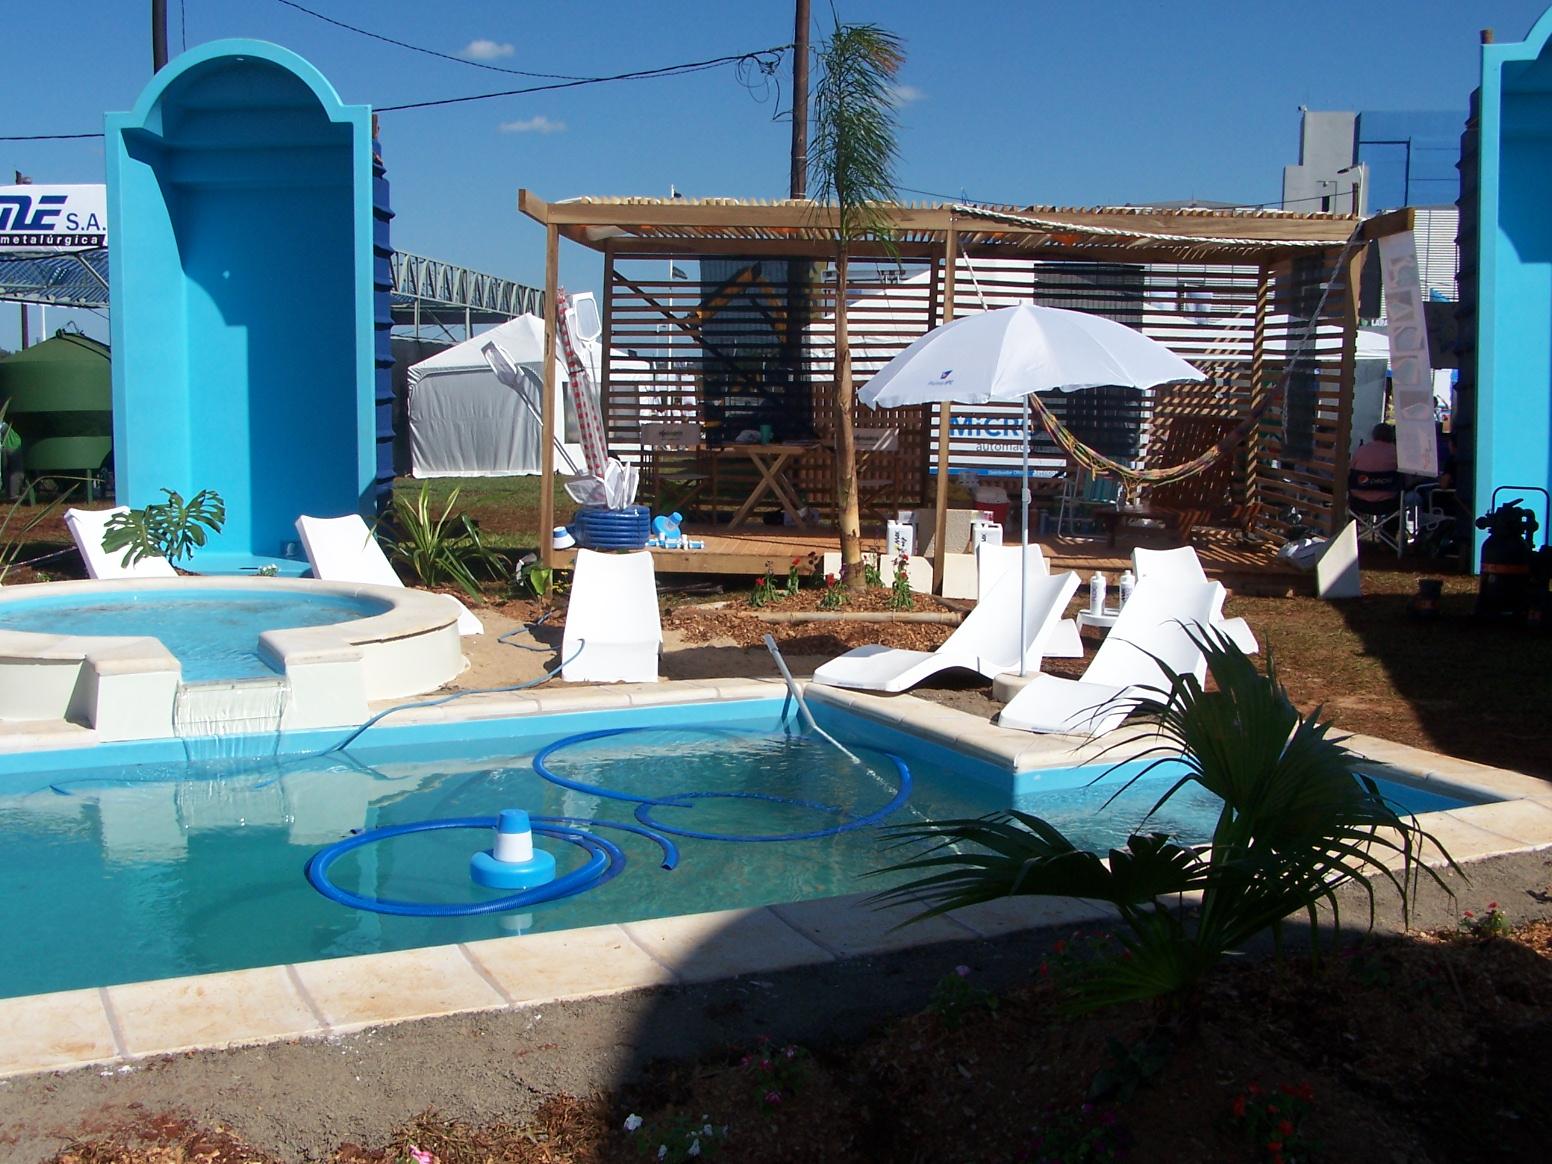 Cosas buscadas piscinas ipc piletas de natacion for Imagenes de piletas de natacion